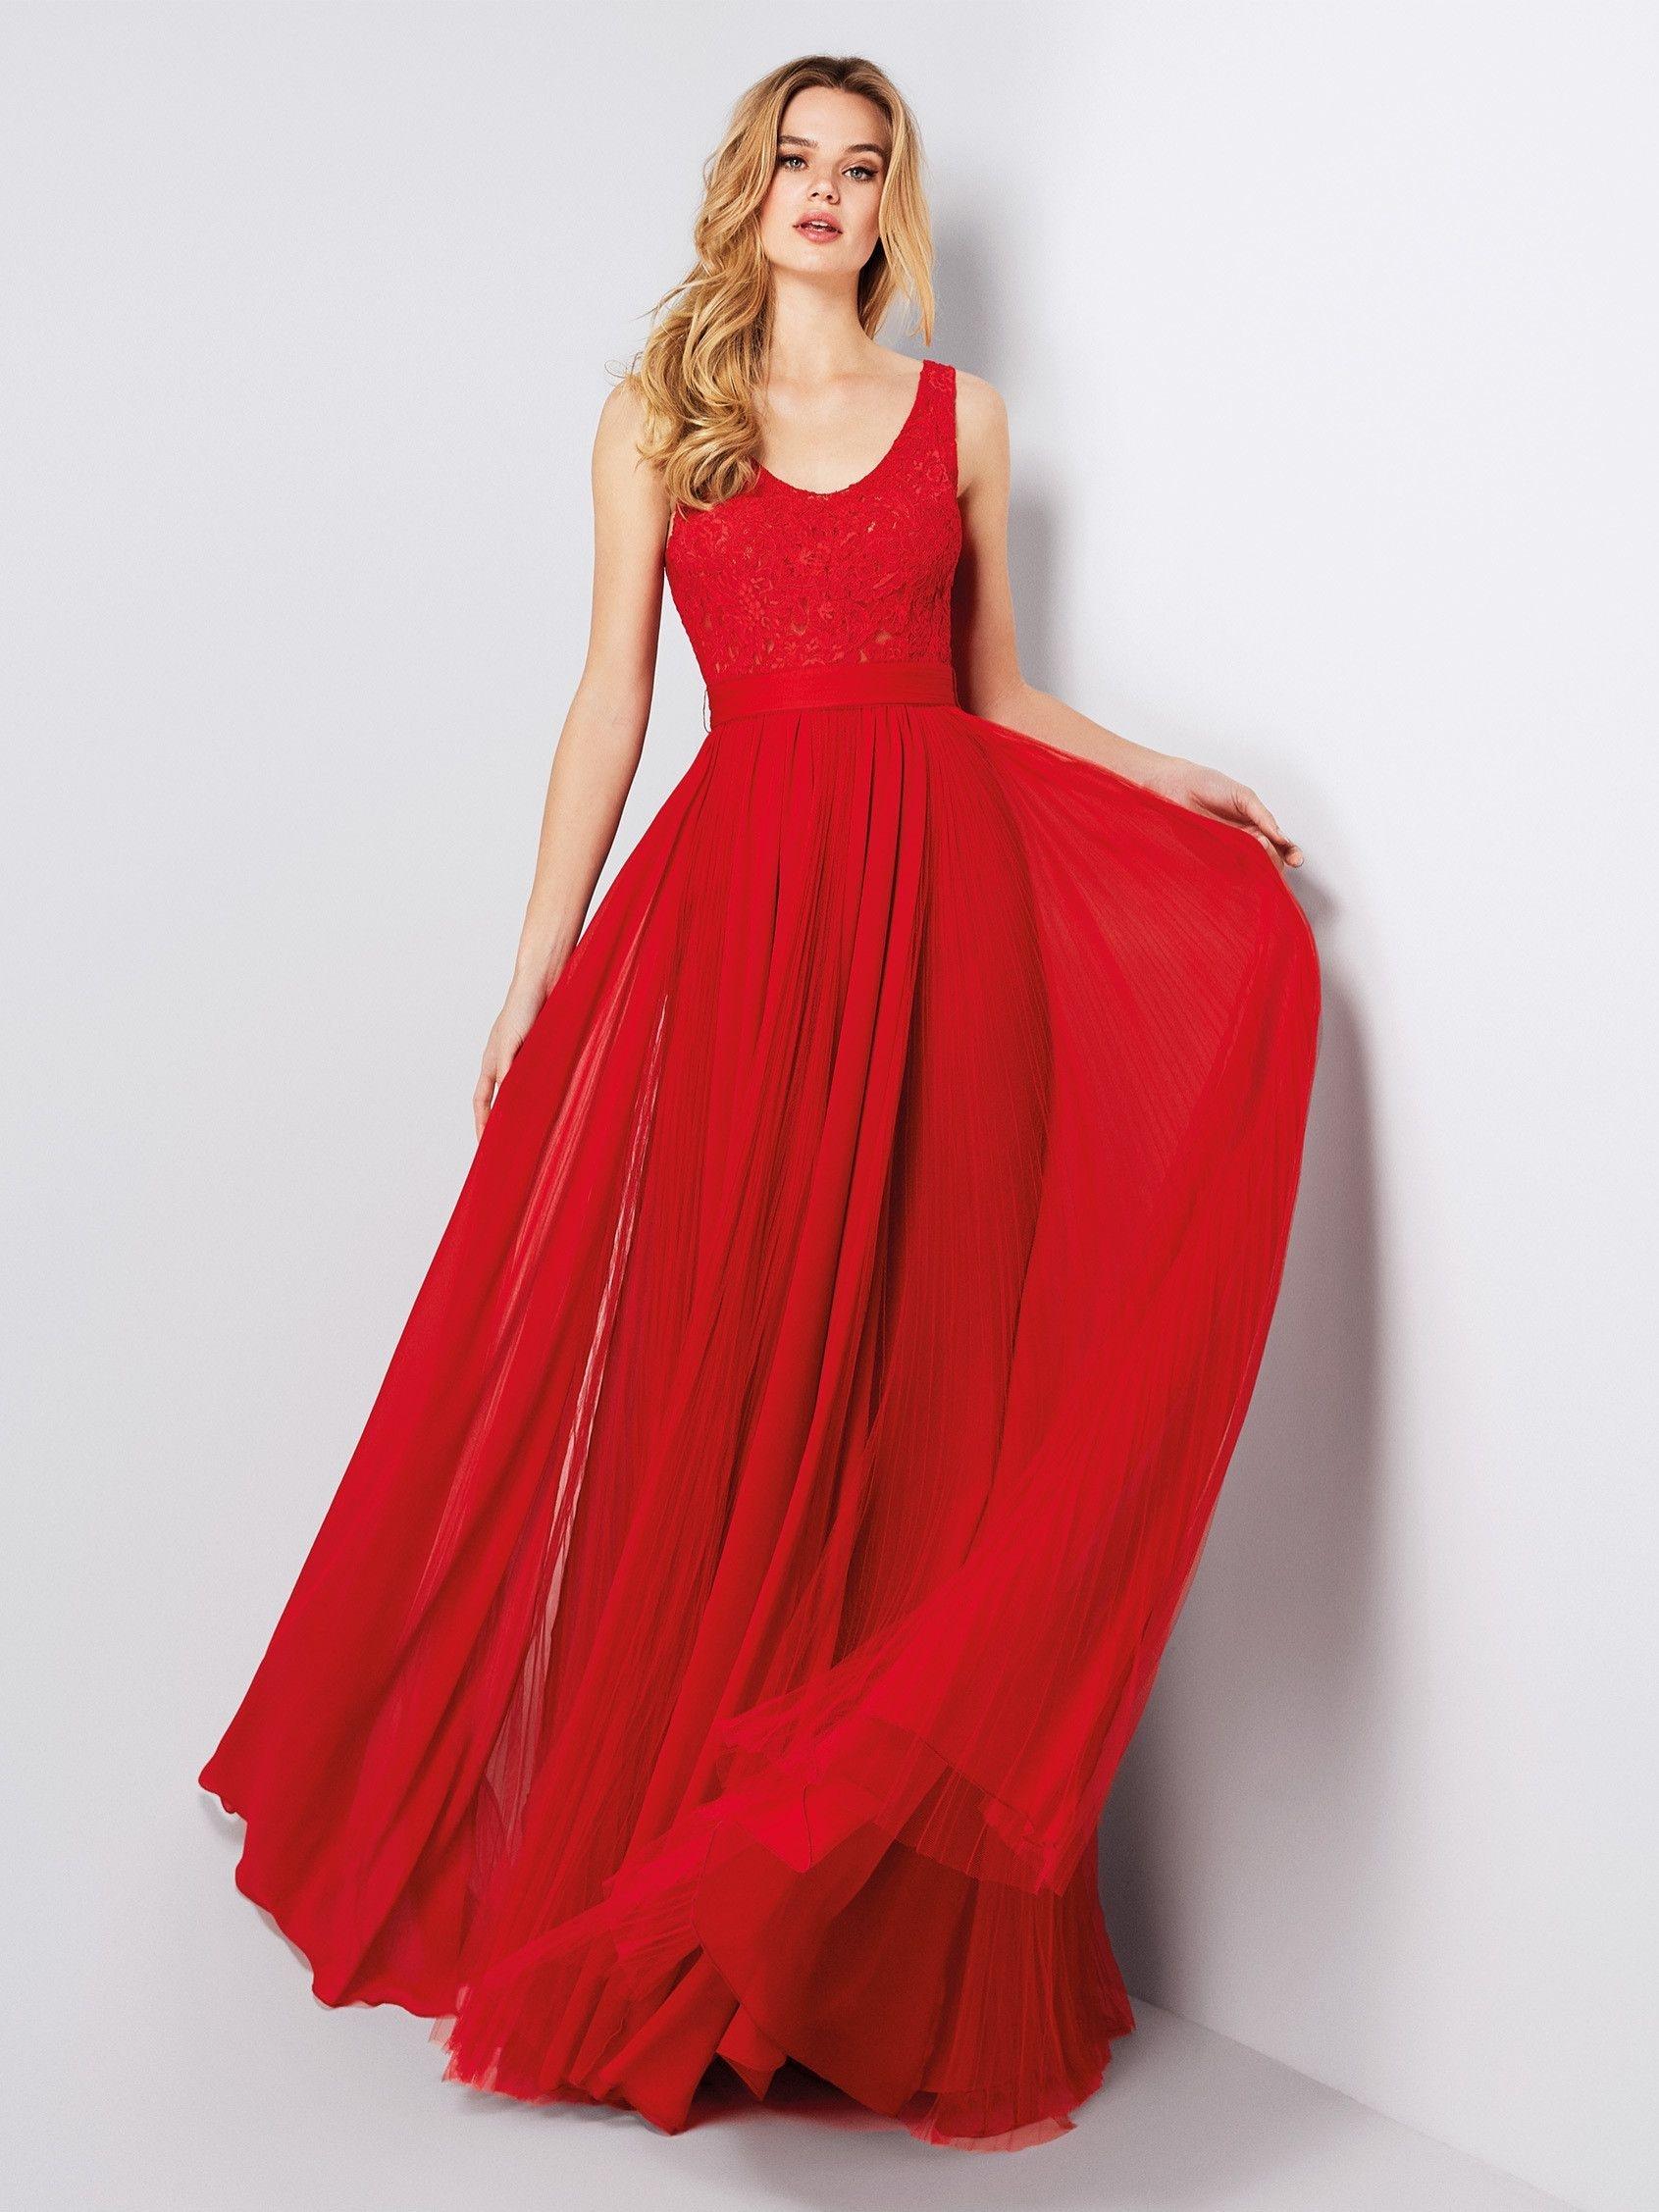 13 Perfekt Abendkleid Rot Spitze Lang für 201920 Schön Abendkleid Rot Spitze Lang Ärmel